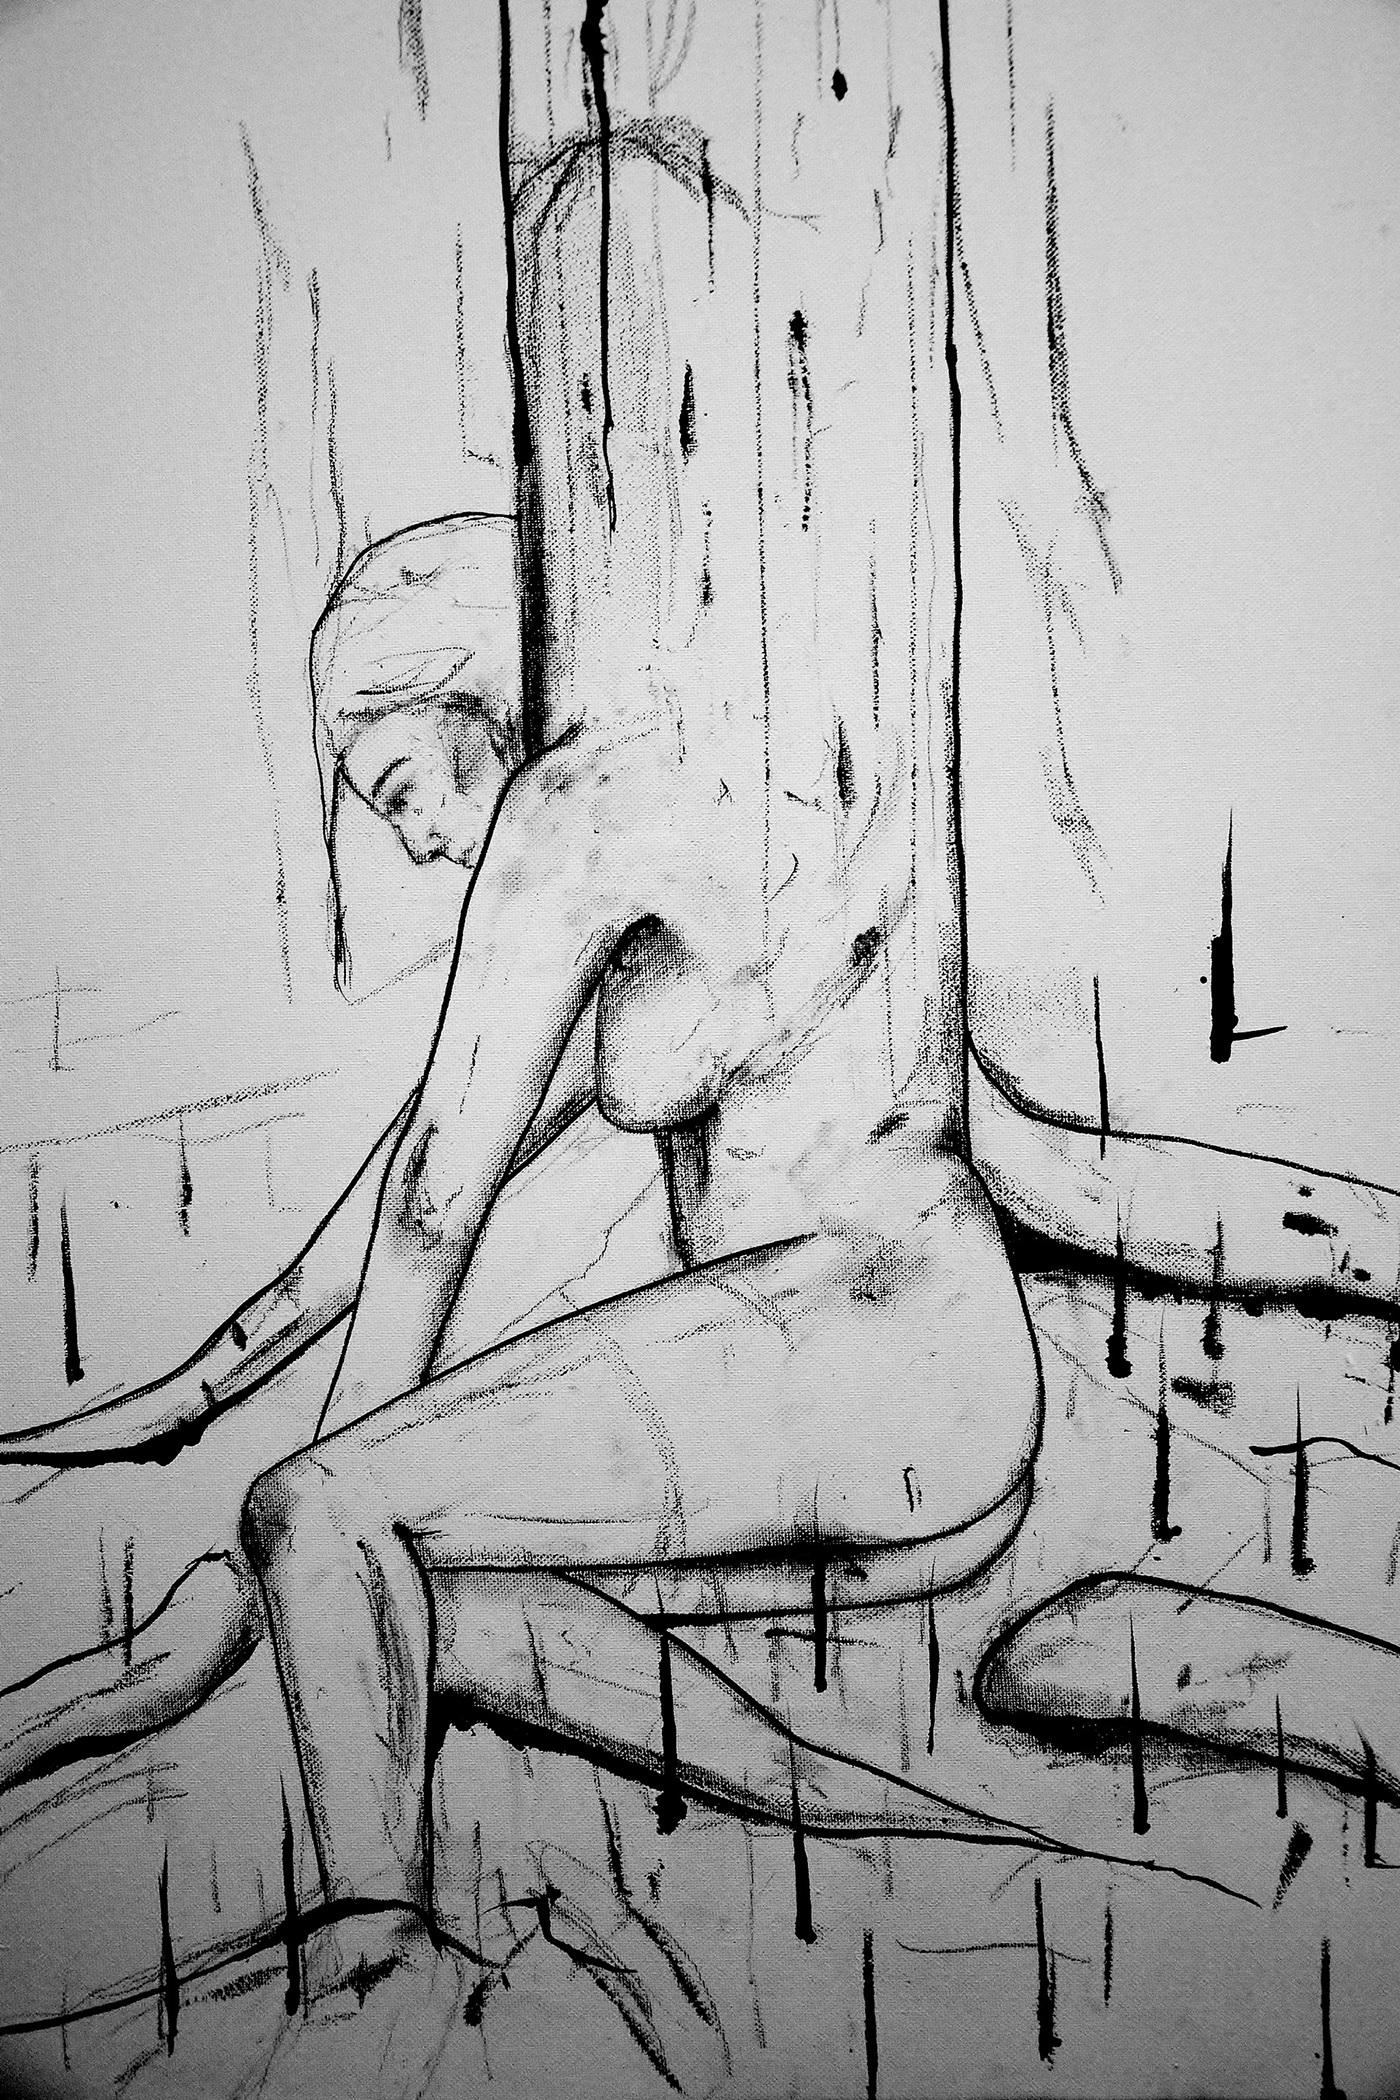 olivia weiss baum Frau Tree  woman constantin göttfert märchen Das Mädchen und seine Liebhaber